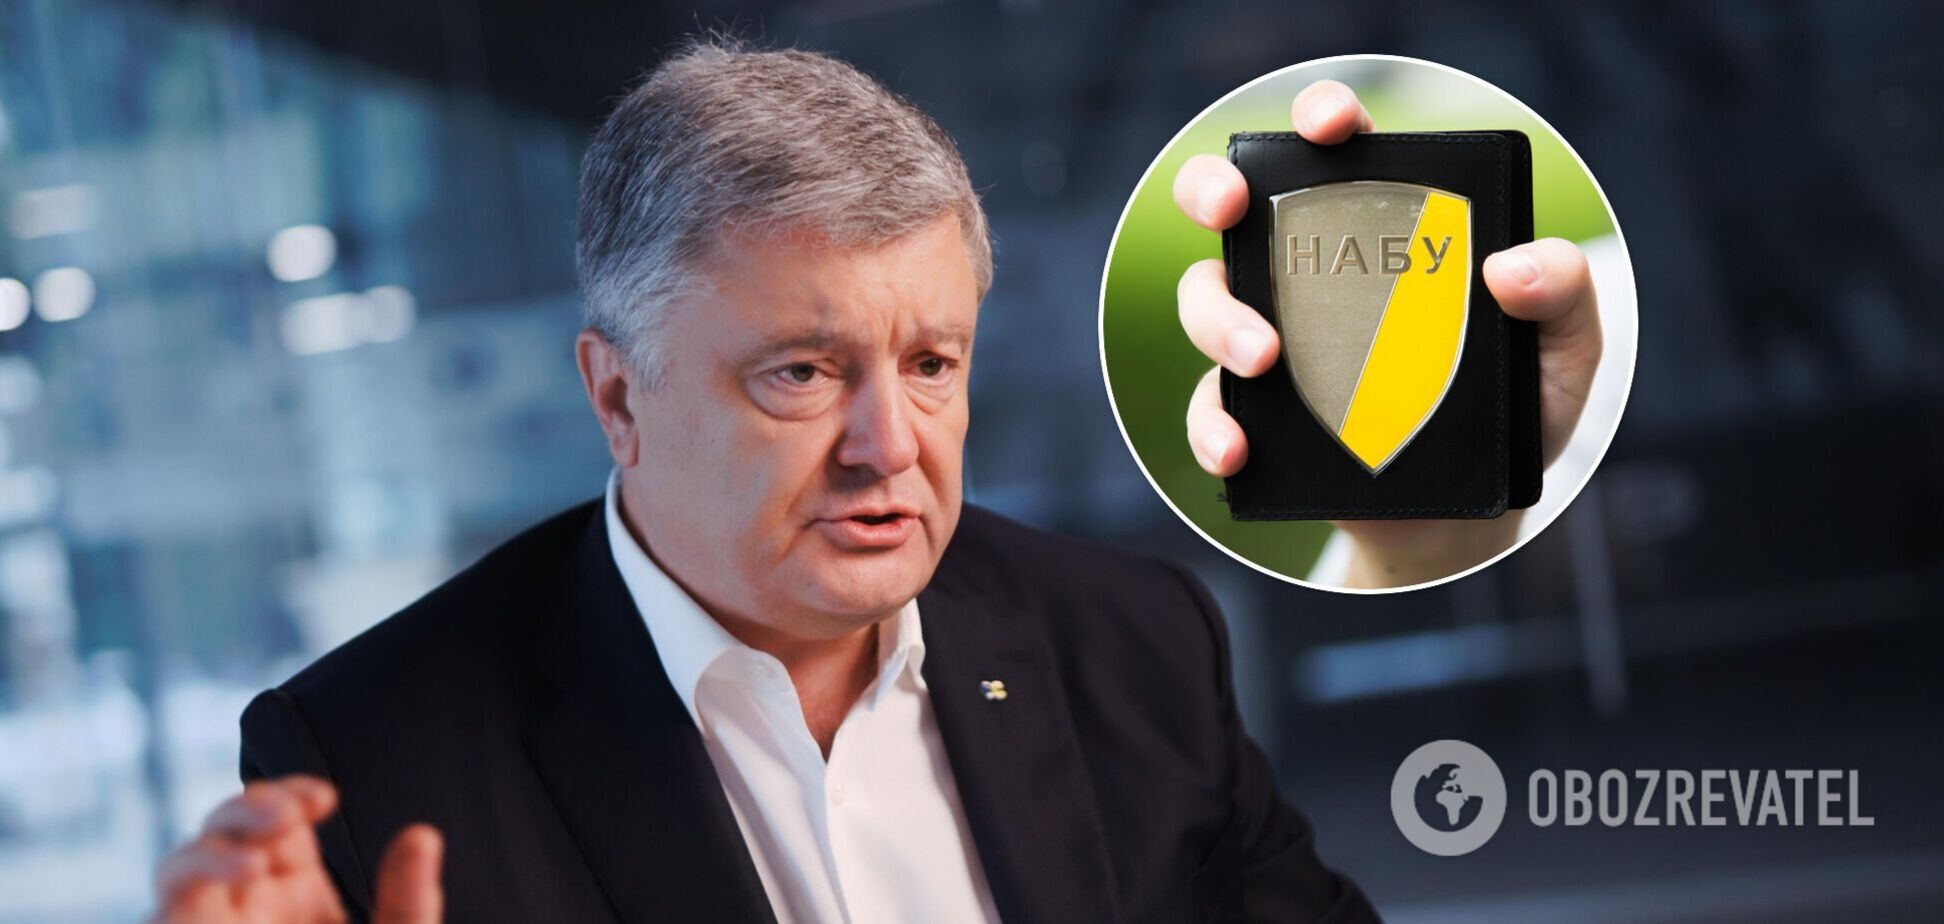 У НАБУ заявили, що не знайшли доказів розкрадання Порошенком $100 млрд